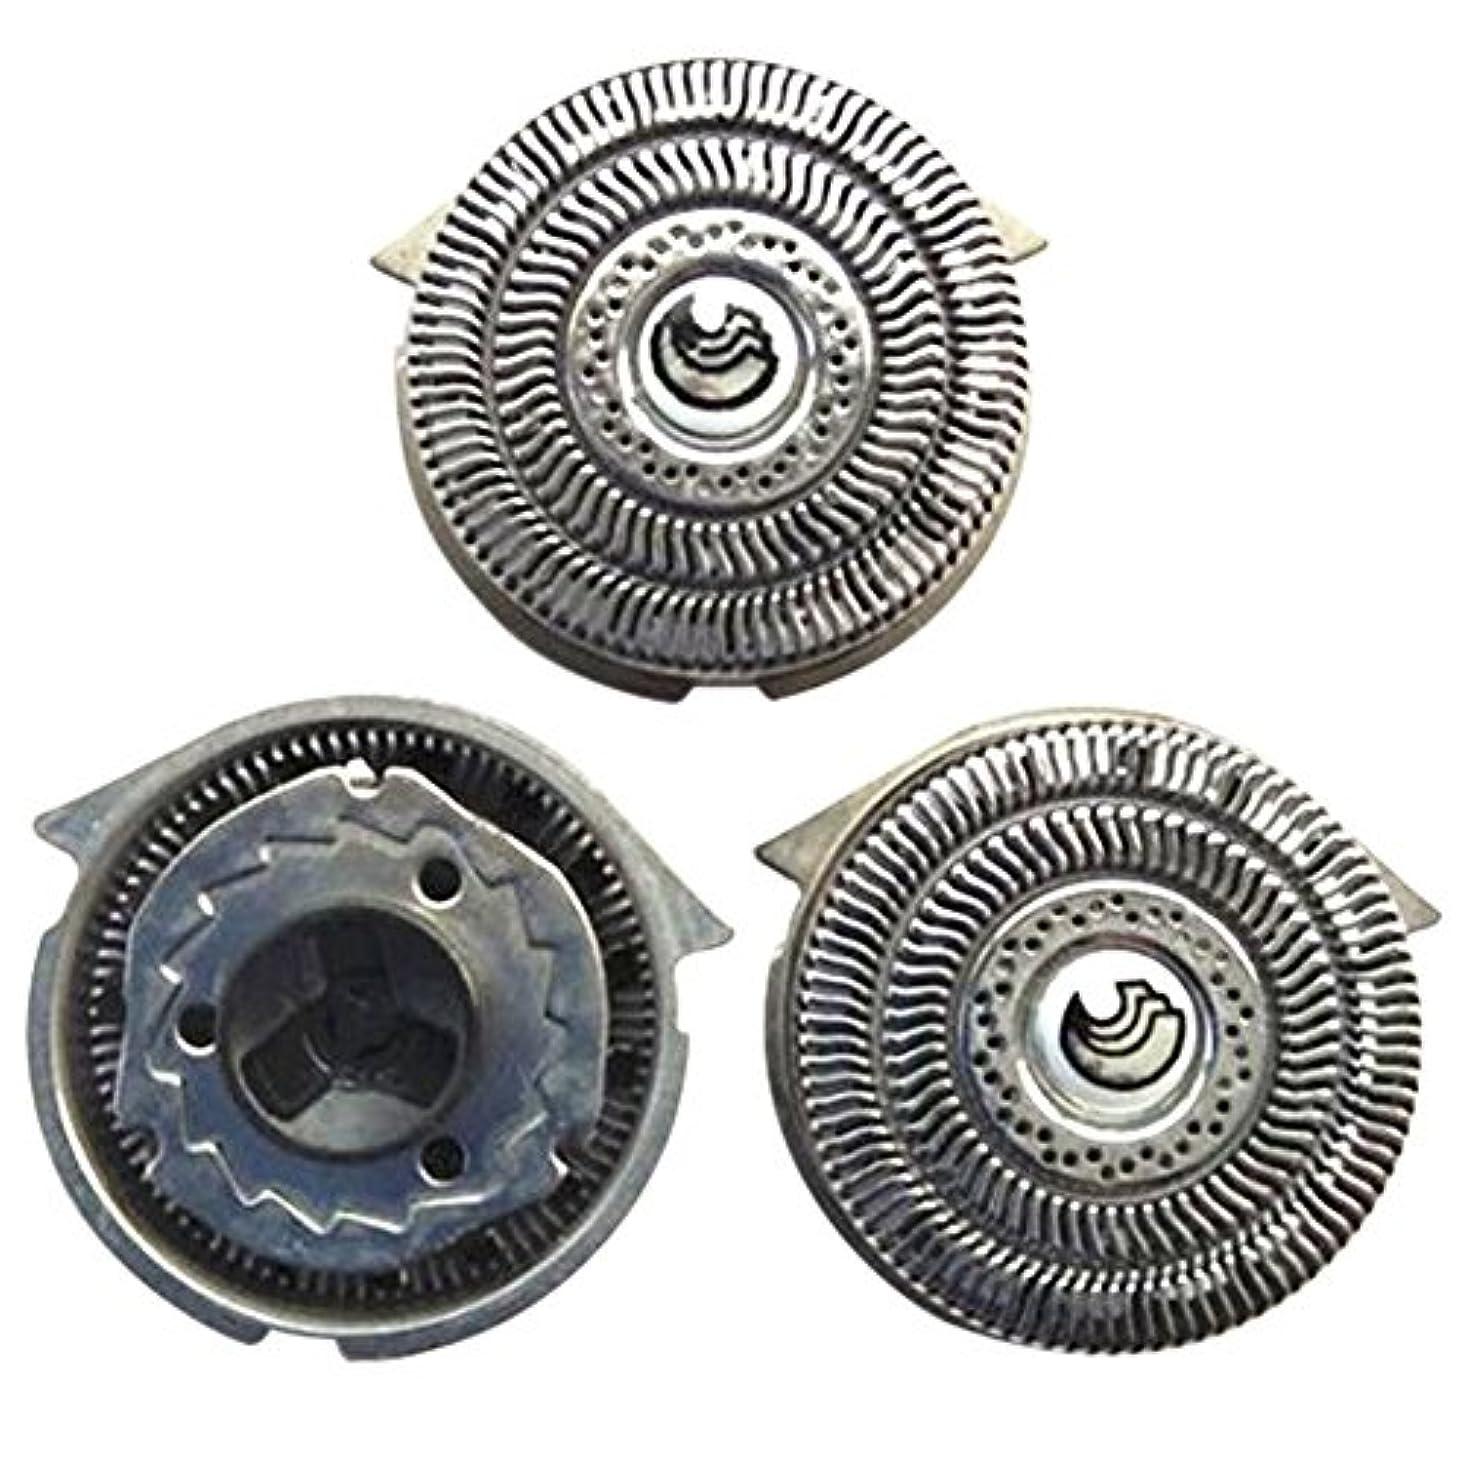 かんたん火山おいしいDeylaying 置換 シェーバー 頭 フォイル 刃+カッター for Philips S9911 S9731 S9711 S9511